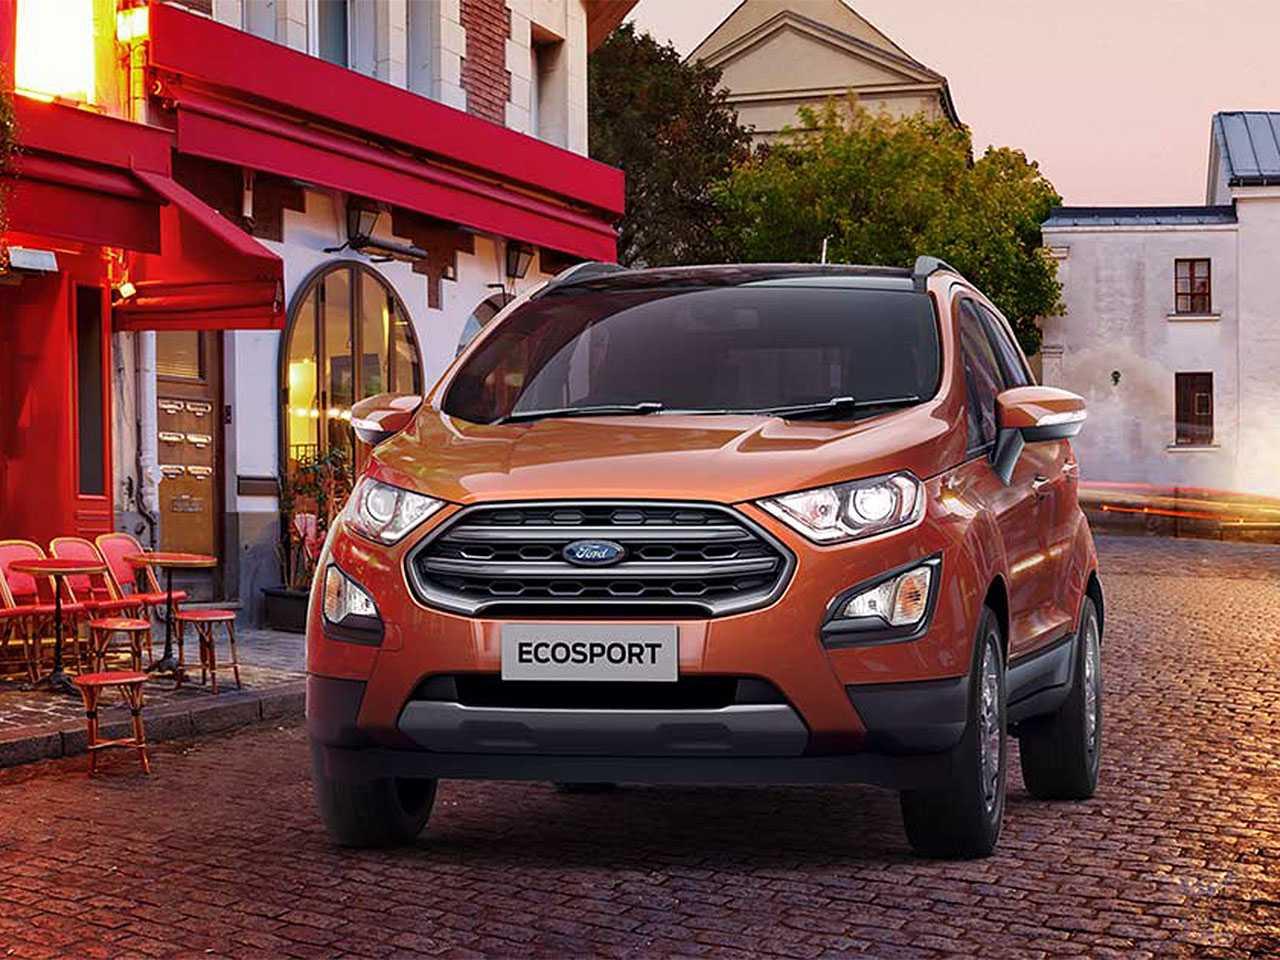 Acima detalhe do Ford EcoSport produzido na Índia